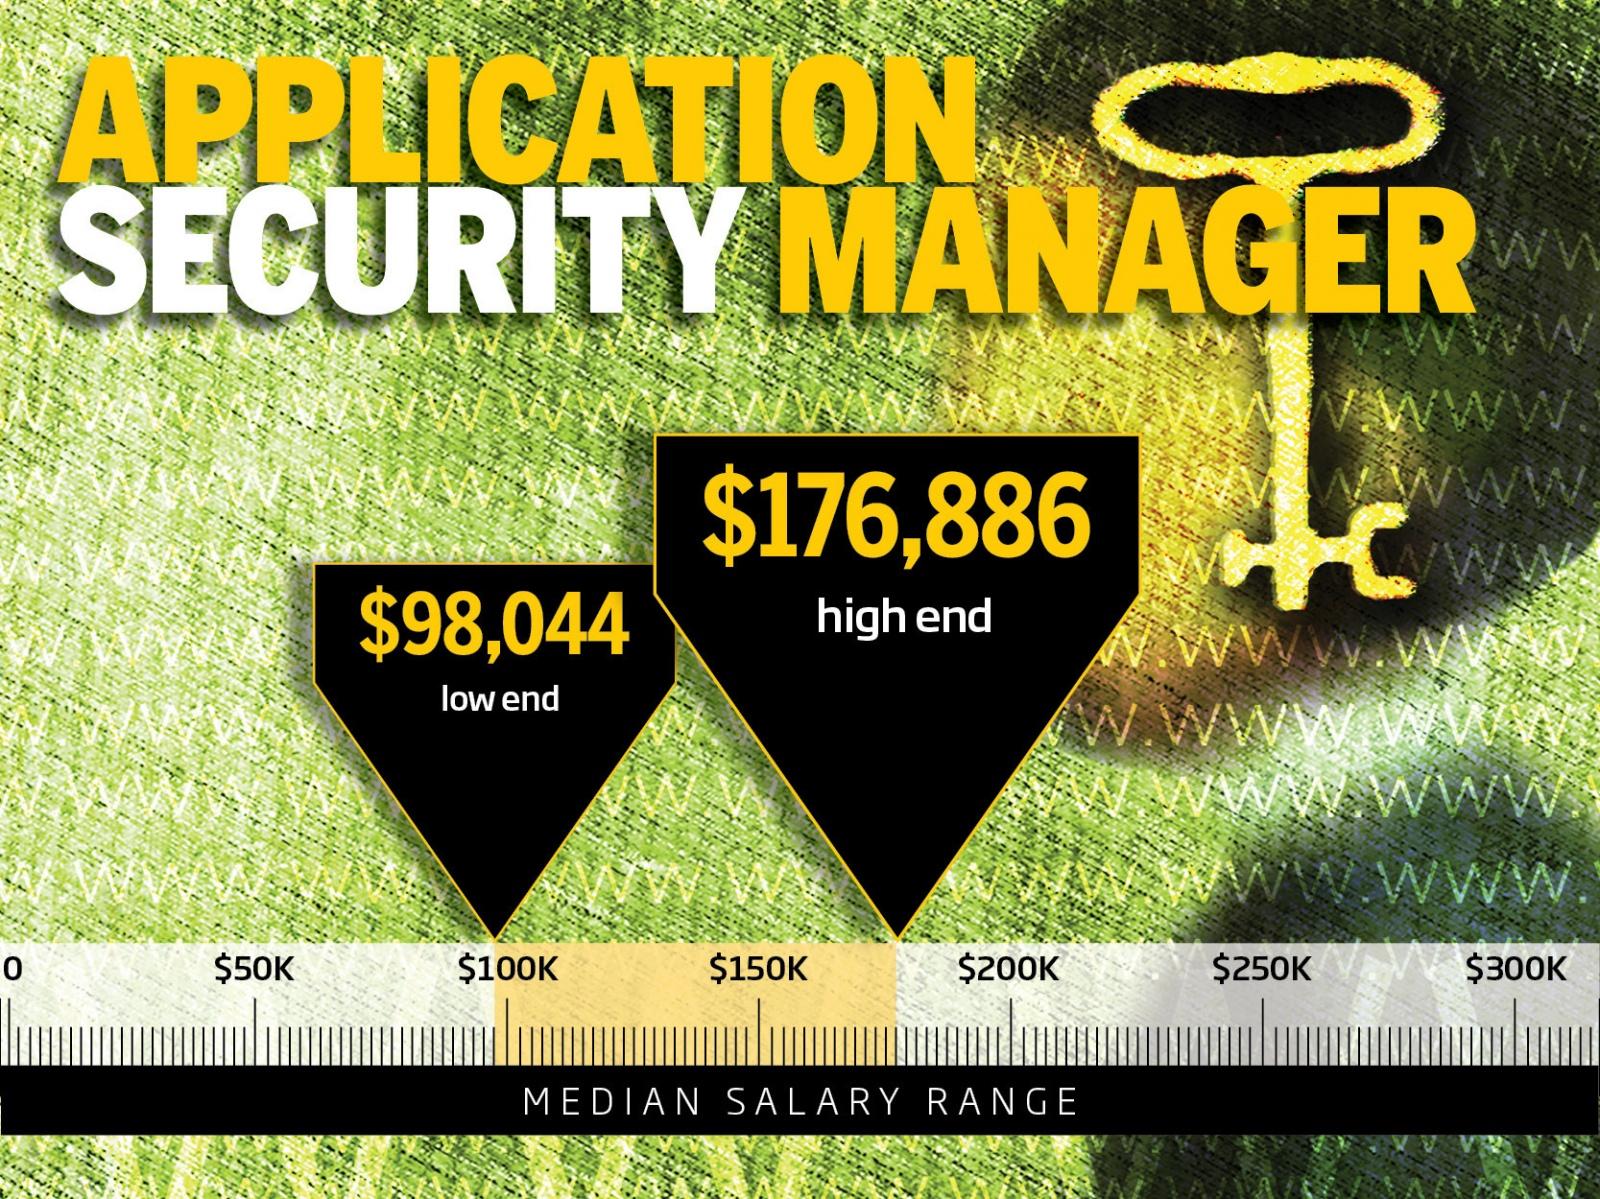 ТОП-10 самых высокооплачиваемых профессий в IT-безопасности - 11